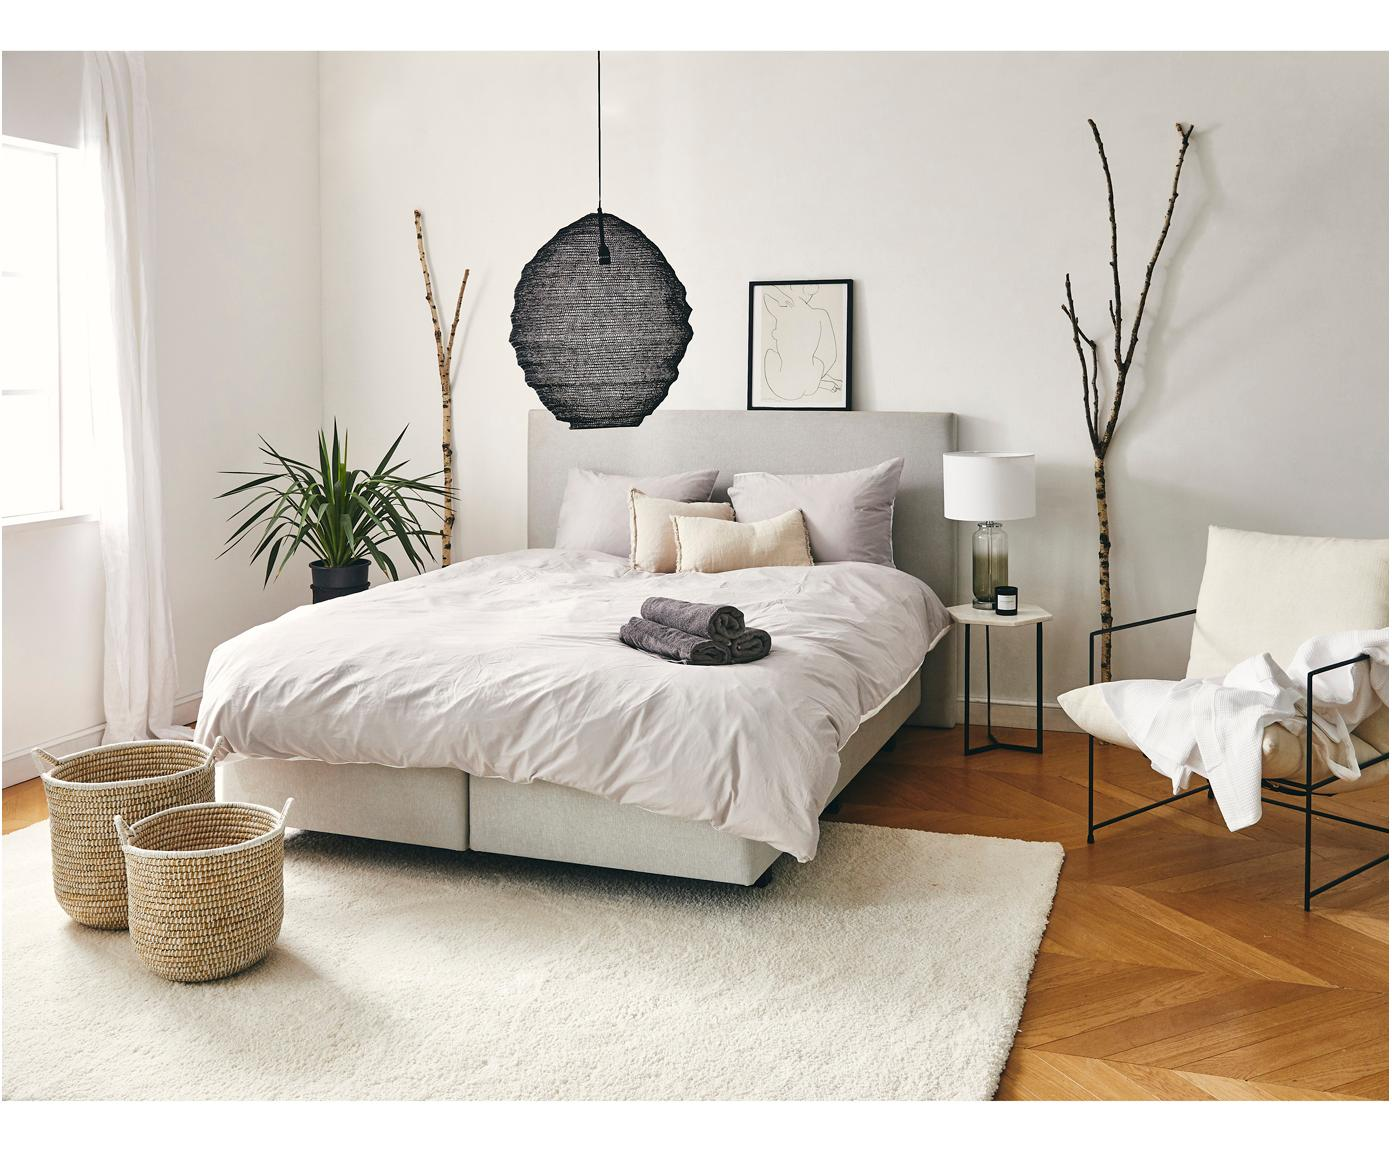 Łóżko kontynentalne premium Eliza, Nogi: lite drewno bukowe, lakie, Szary, 200 x 200 cm